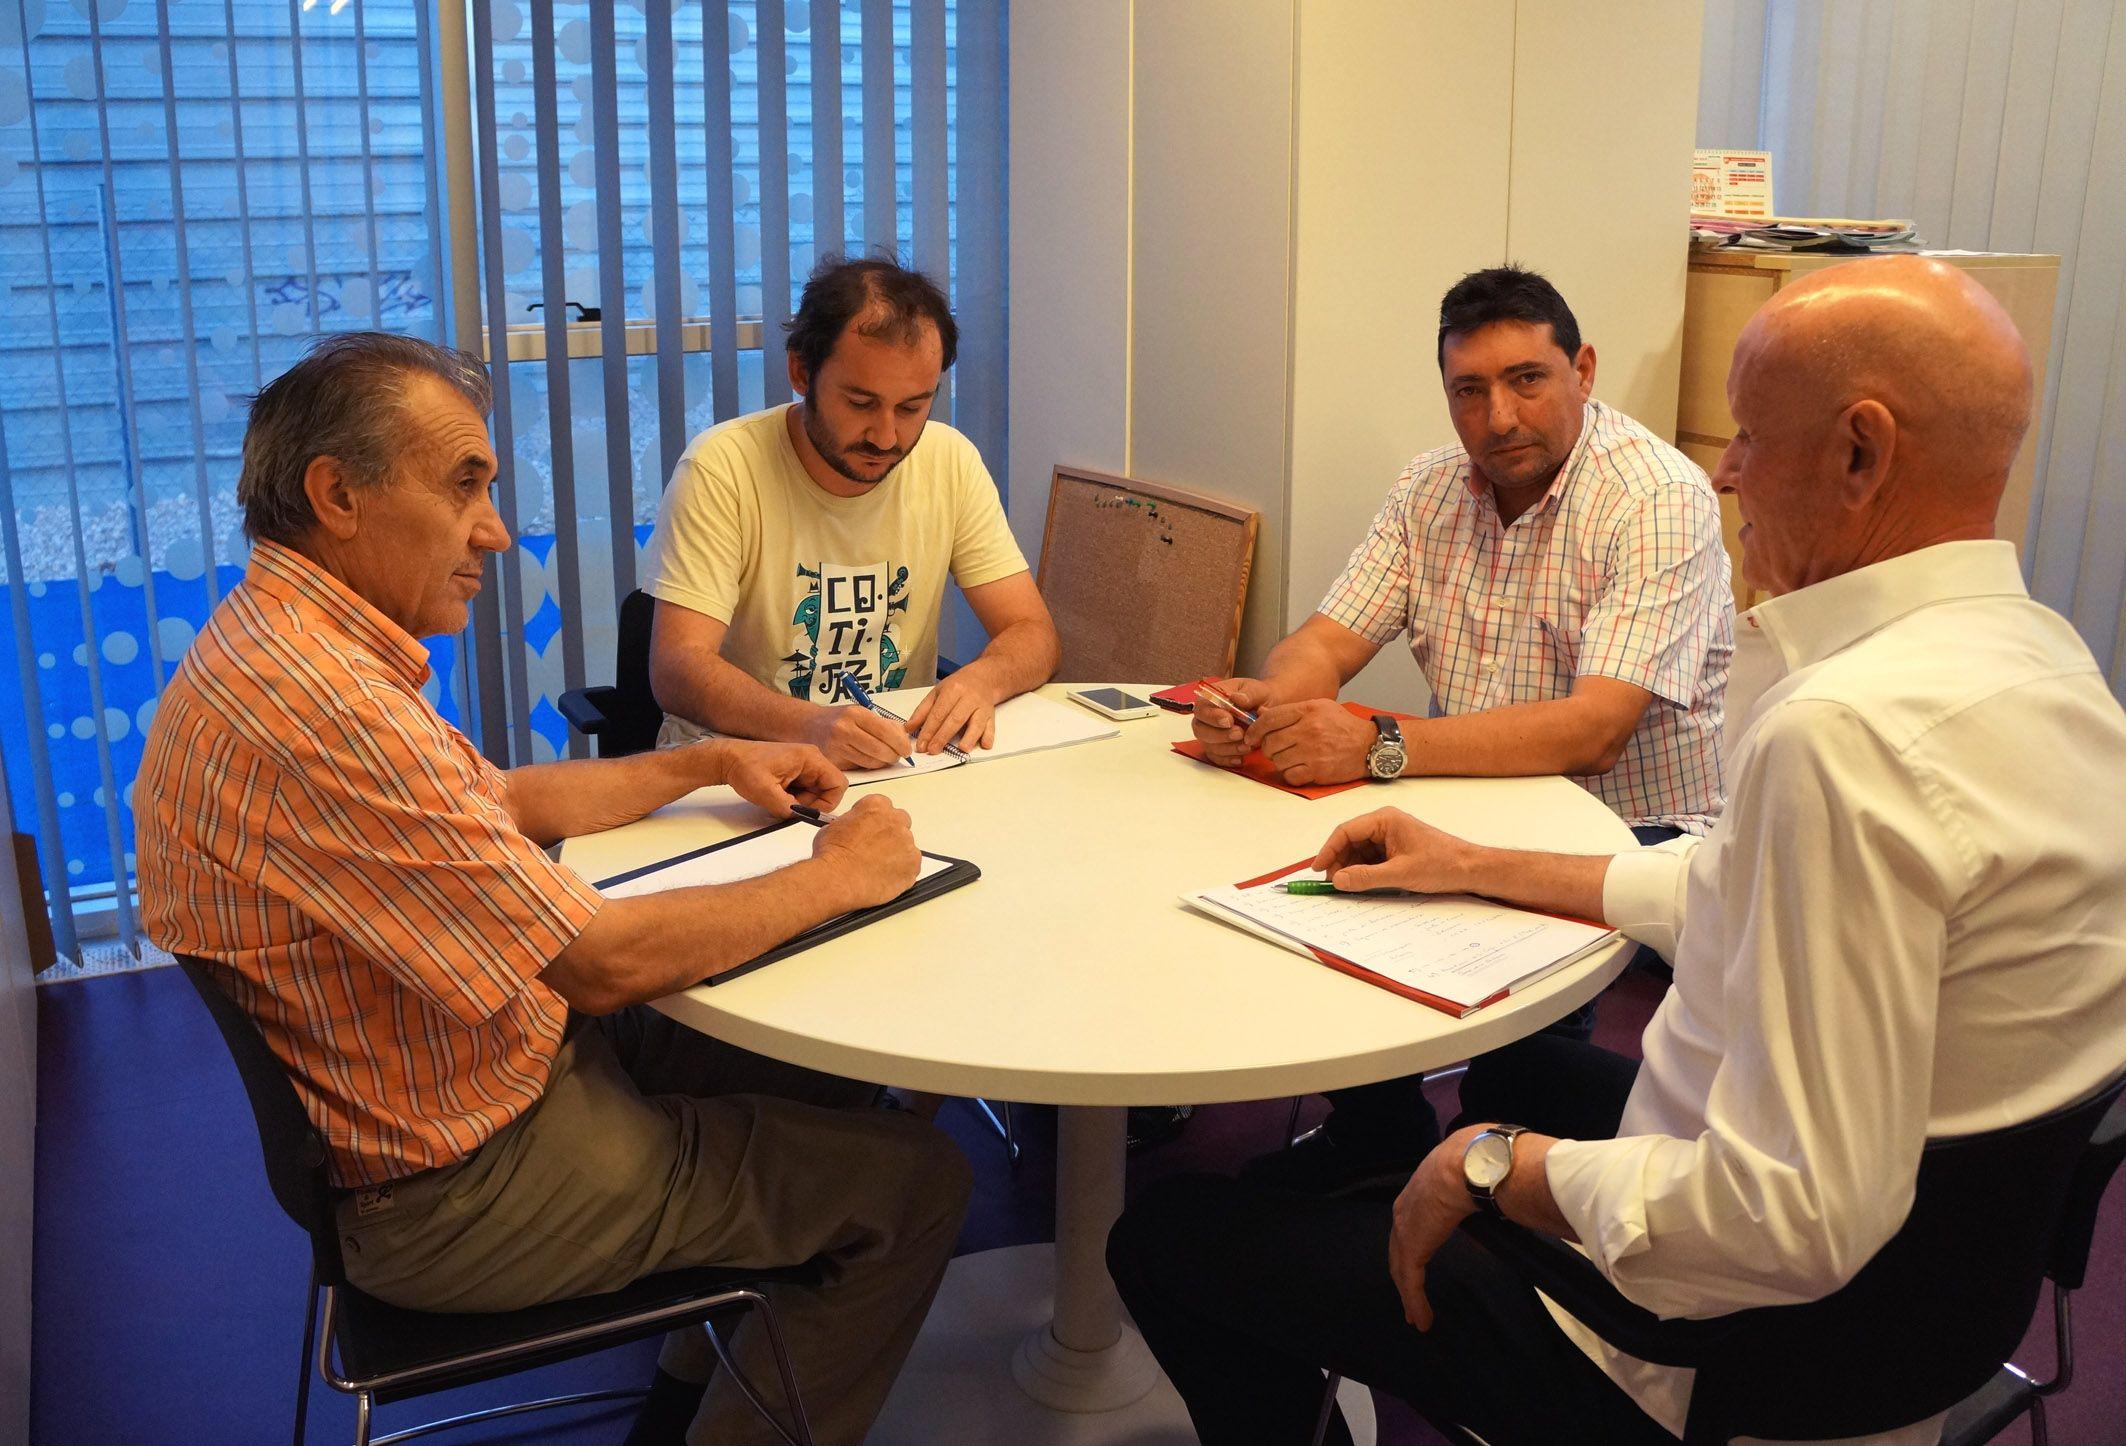 El alcalde torreño inicia las mesas de diálogo con la oposición para integrar sus propuestas en una línea de gobierno de consenso2